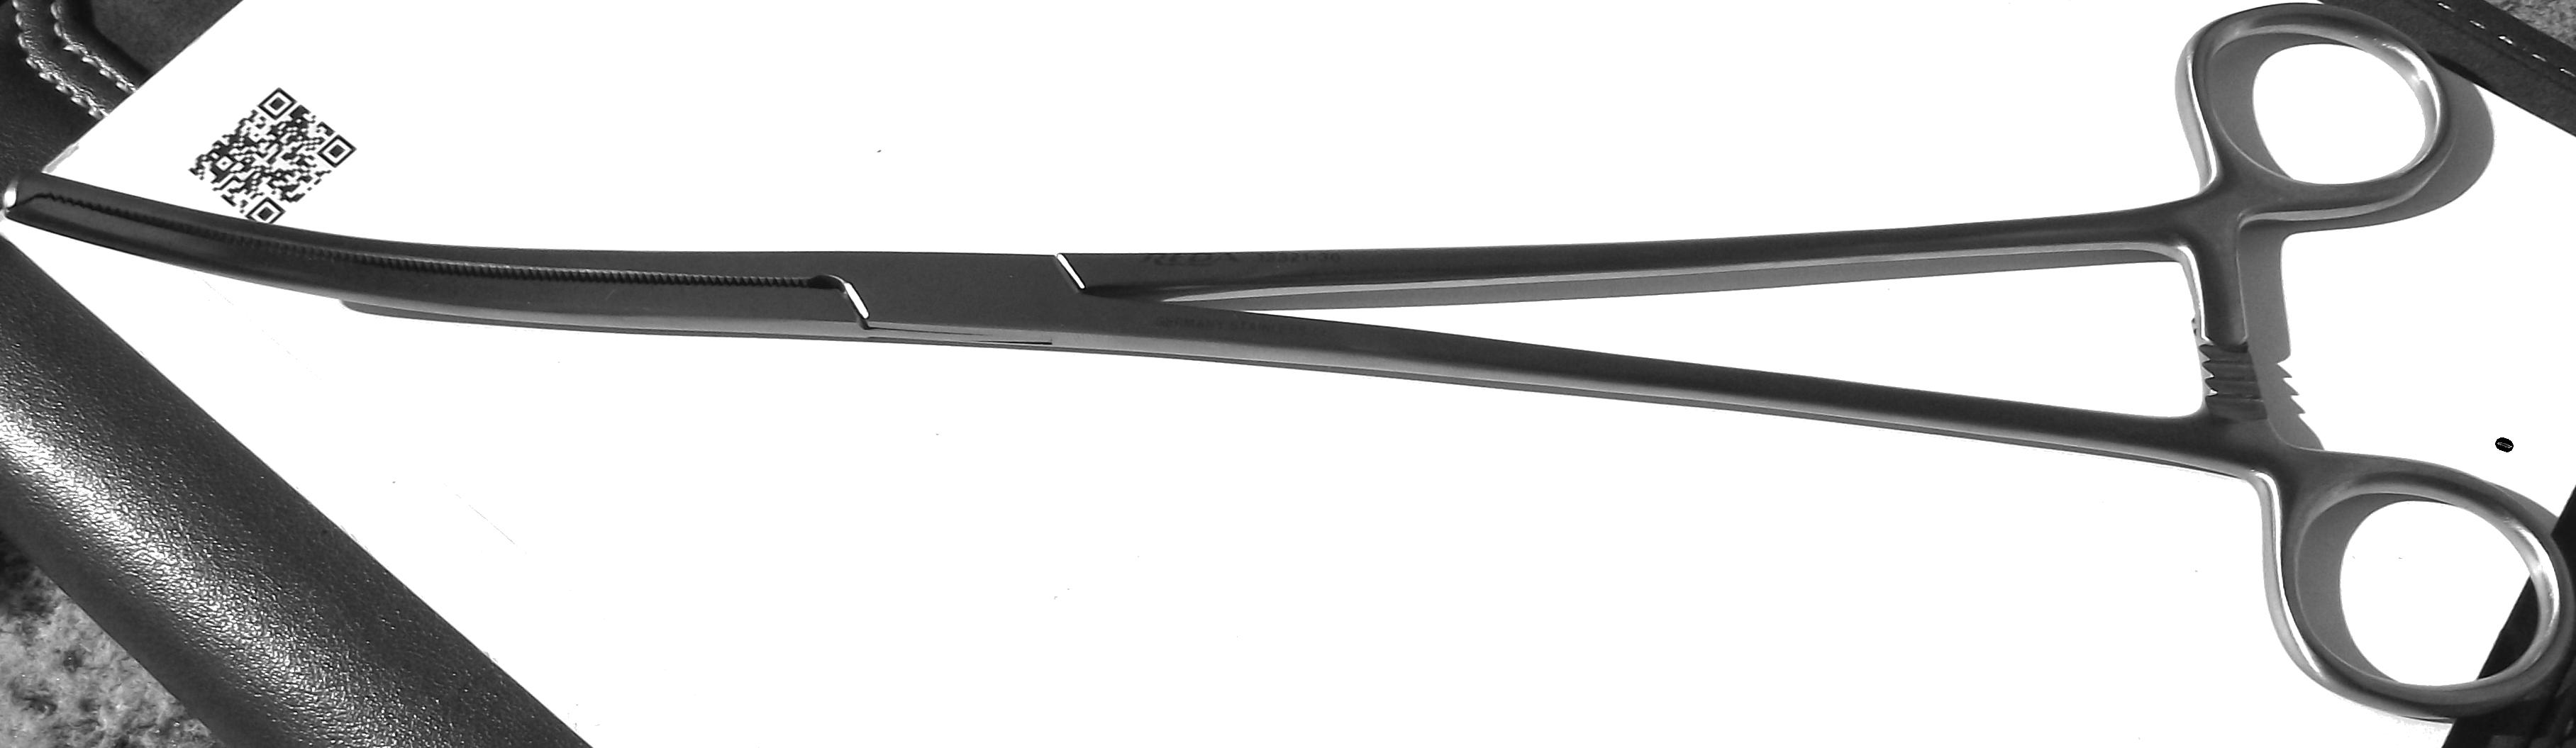 hvatalica-rochester-ochsner-13321